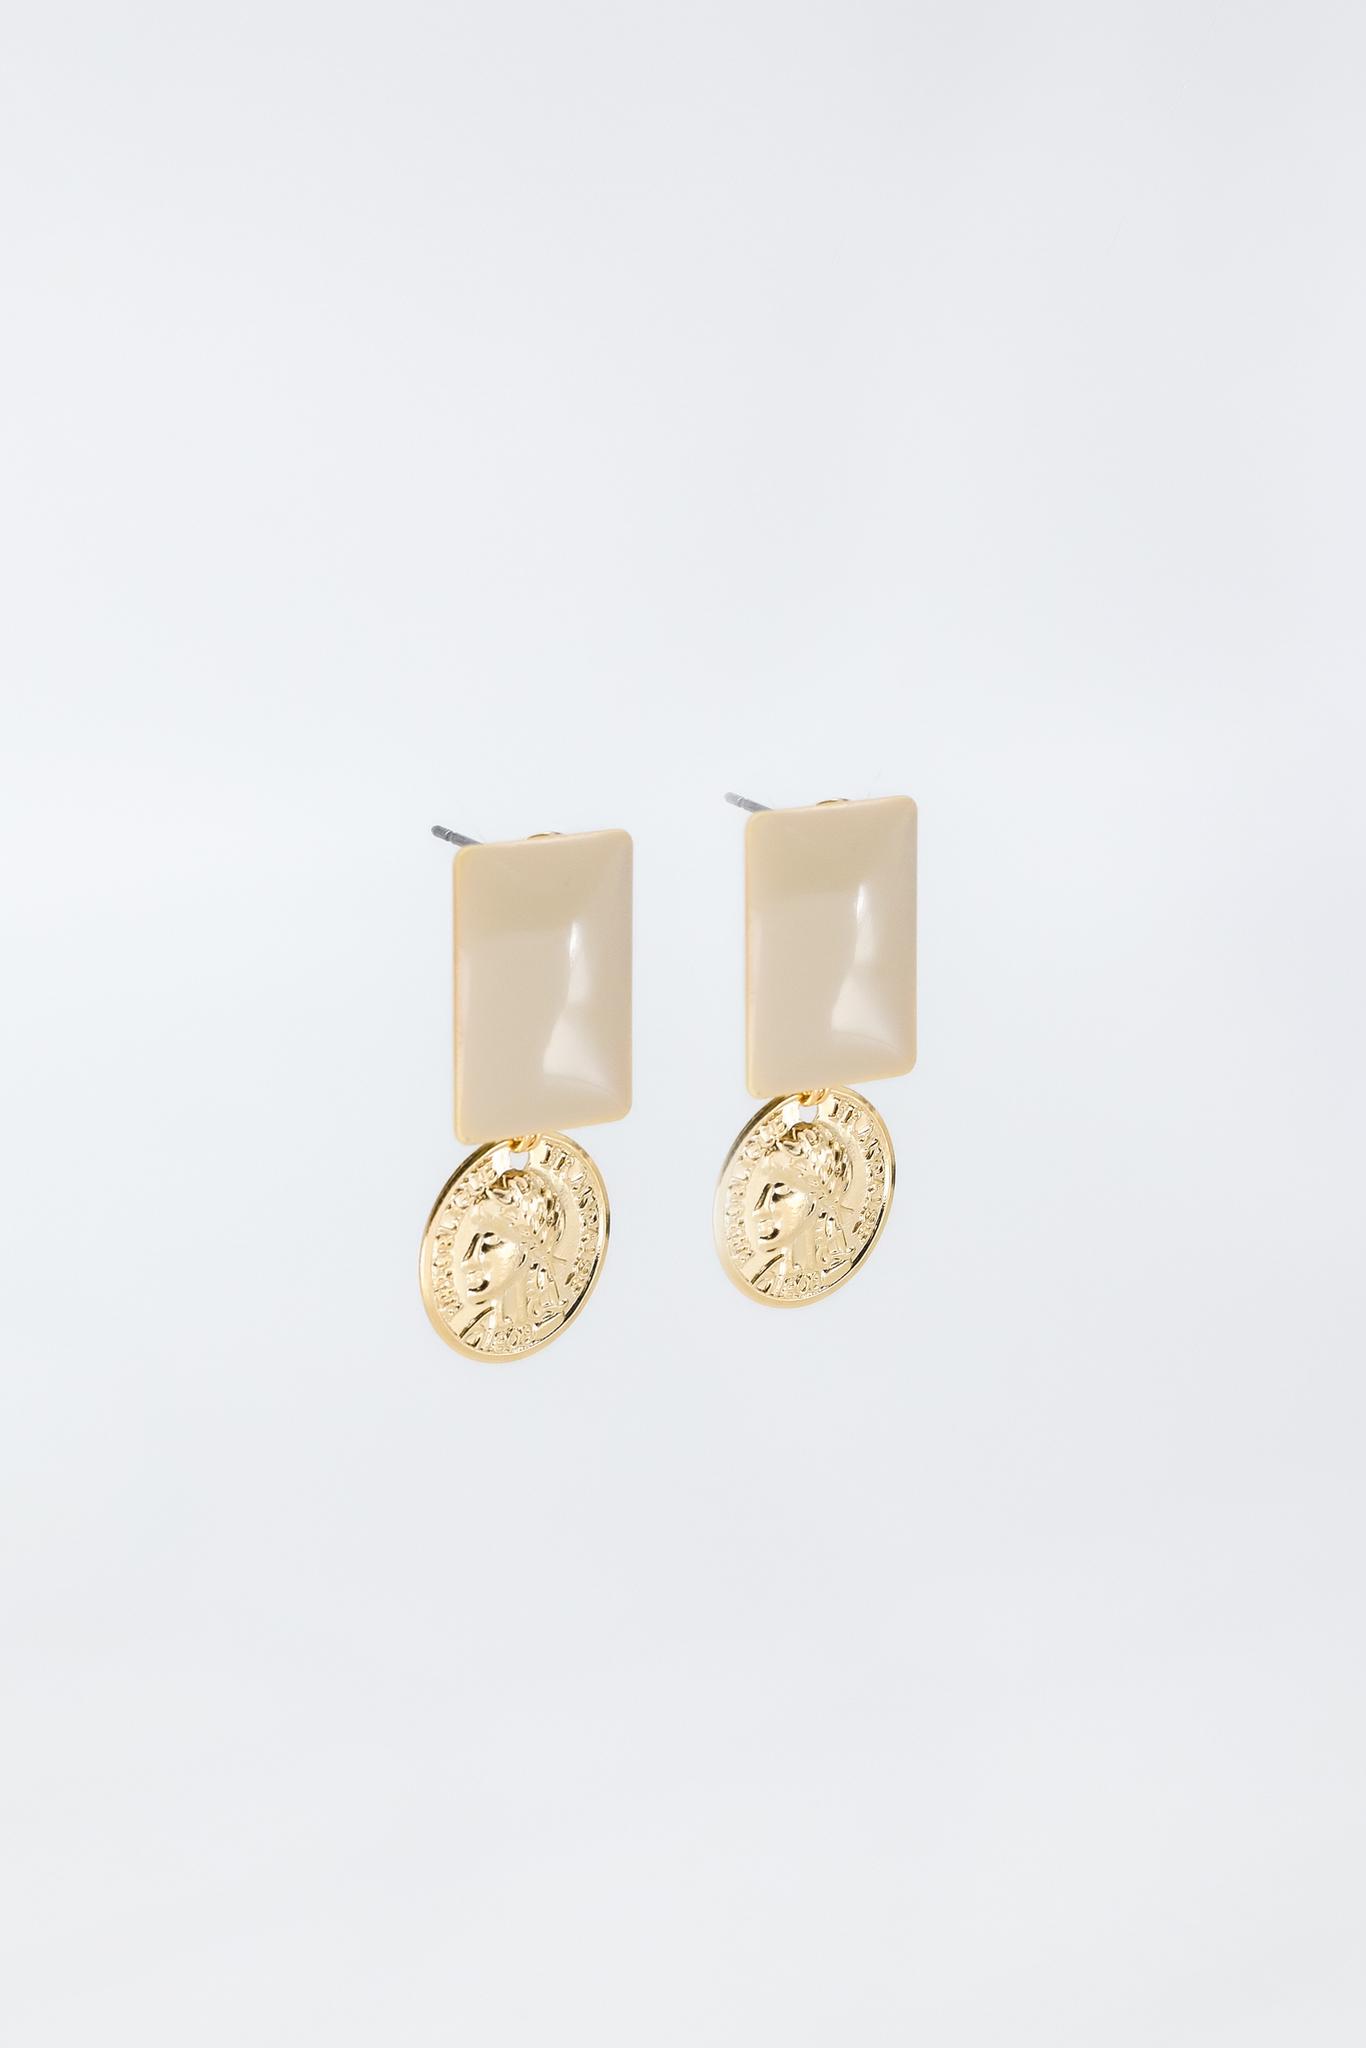 Серьги с бежевой эмалью и подвеской «монетка»  оптом и в розницу